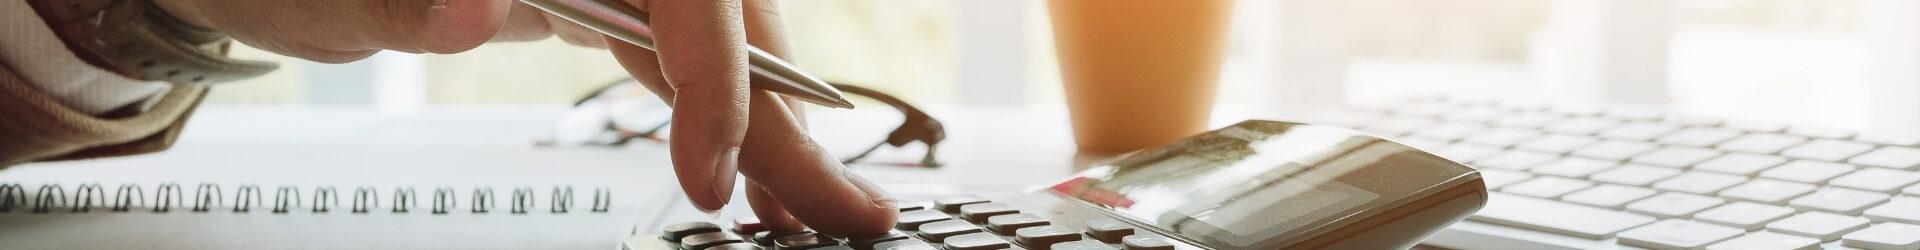 Księgowość uproszczona: KPiR, ryczałt i karta podatkowa